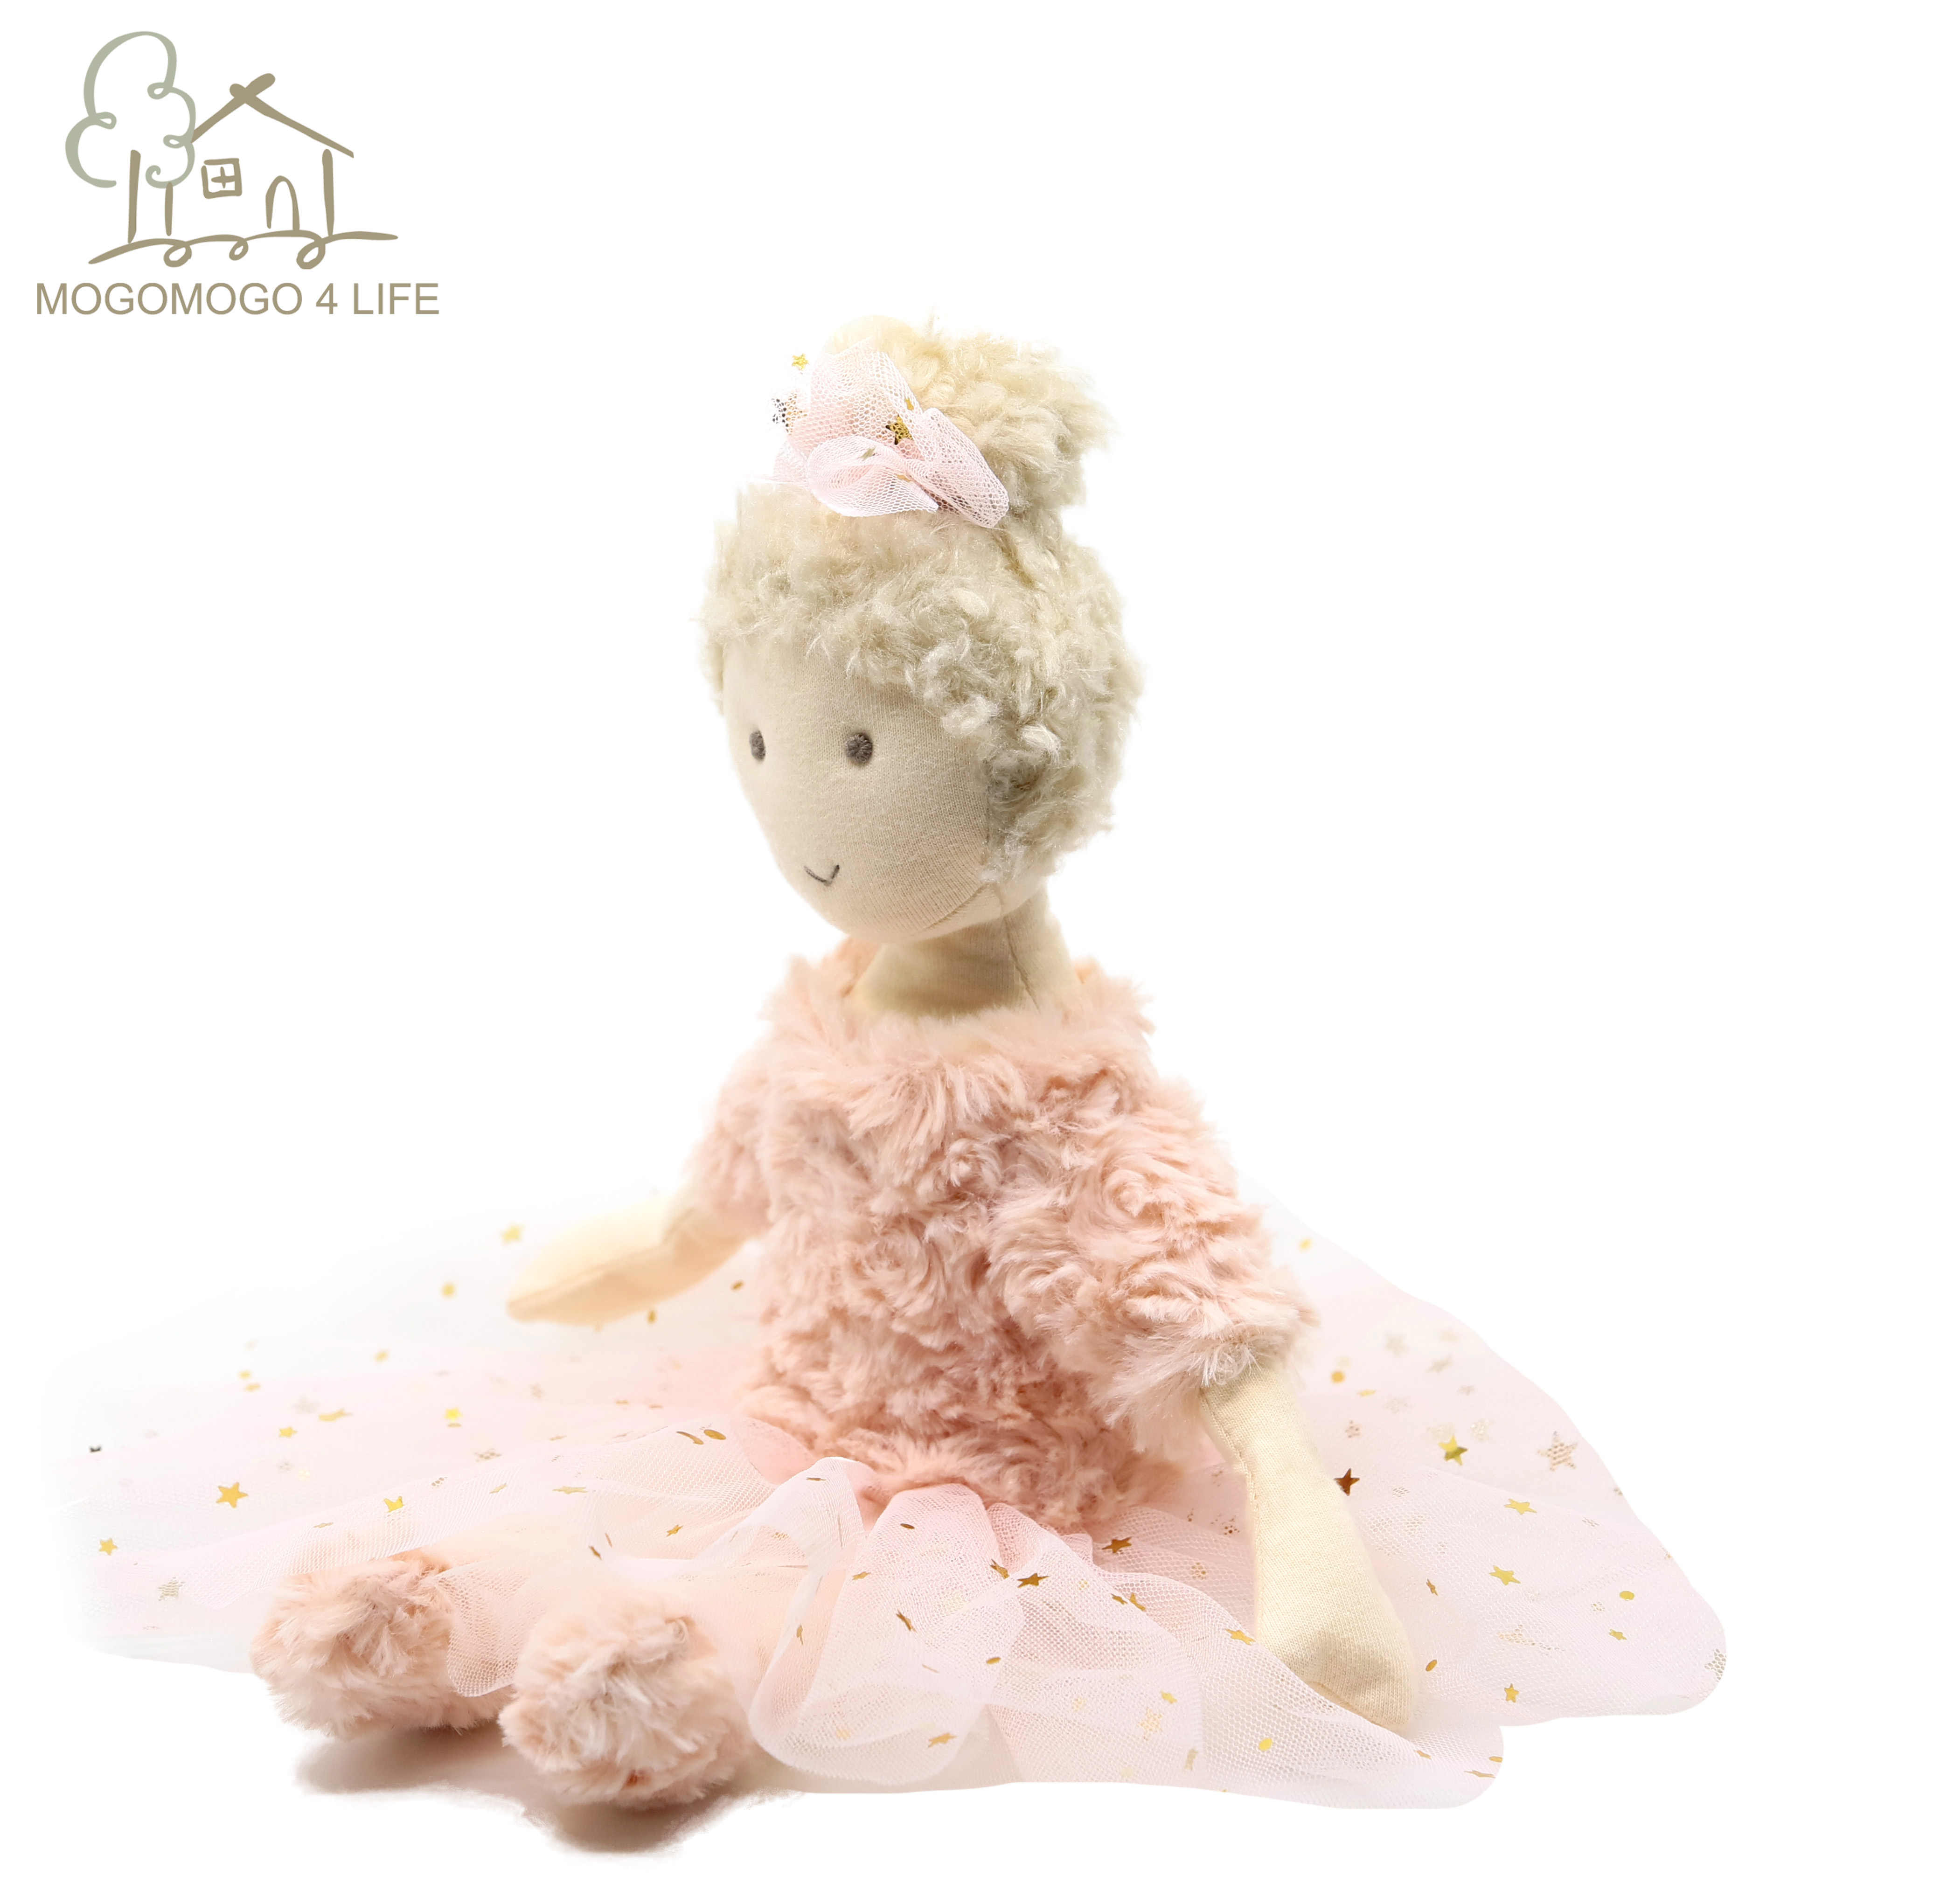 Luxus Mogo Rosa Ballett Mädchen Dolly Süße Geschenk für Kinder Baby Beschwichtigen Spielzeug Handgemachte Ballerina Rosa Prinzessin Mädchen Rag Doll